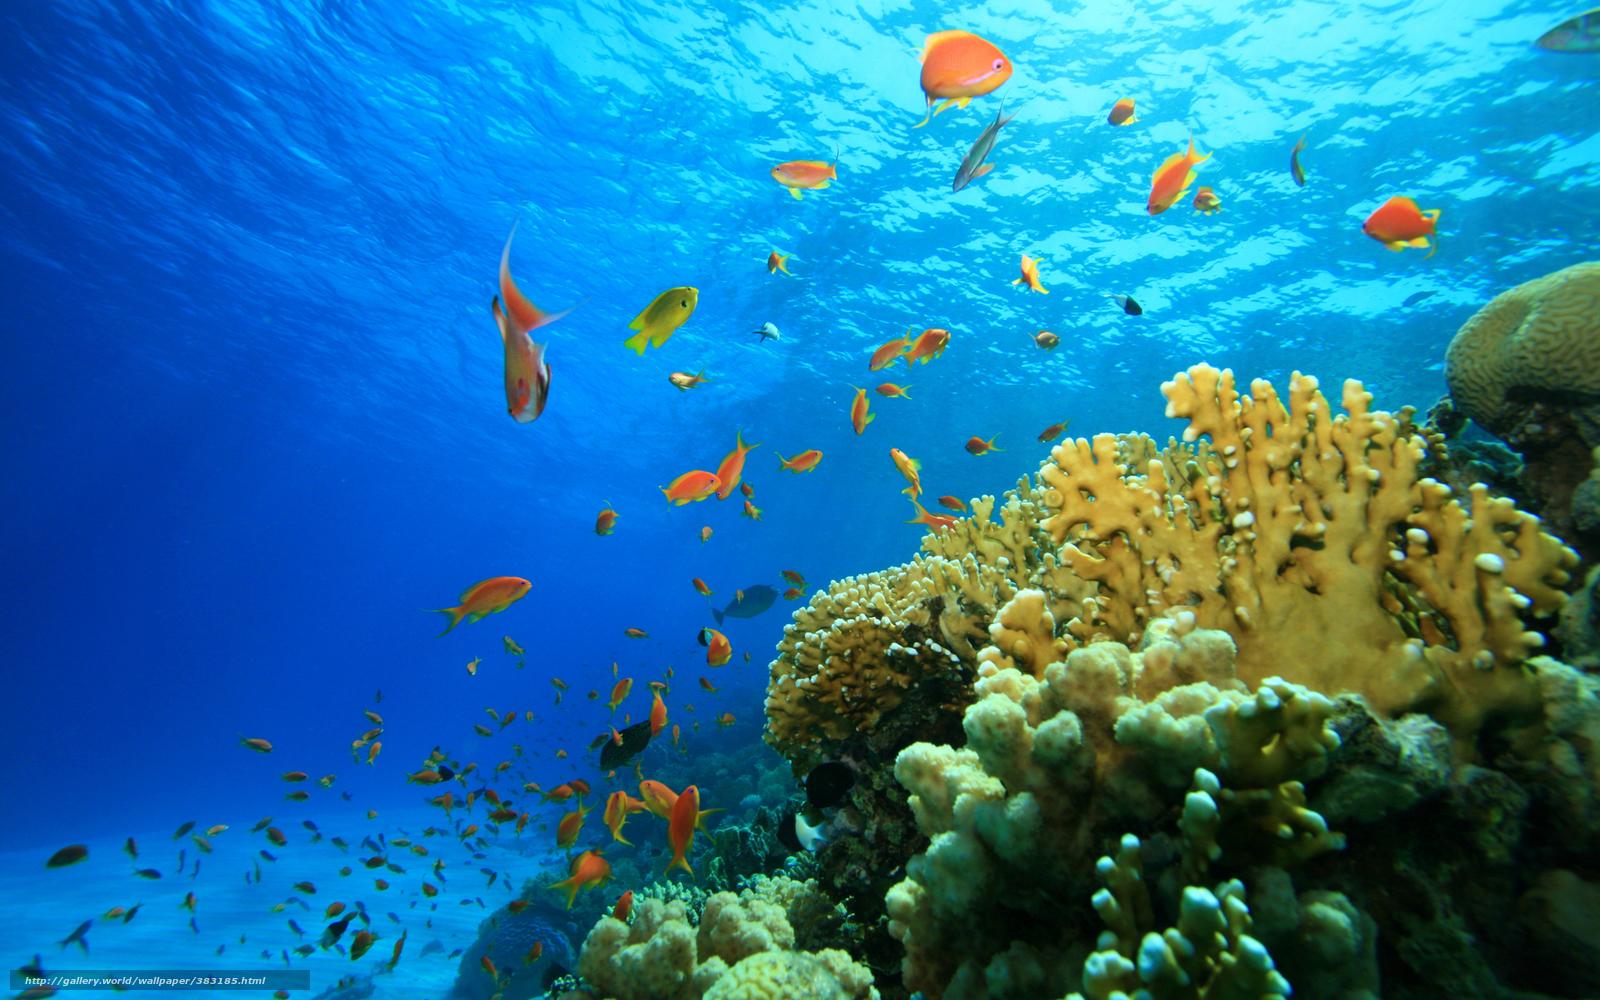 Download Hintergrund Meer Fisch Riff Freie Desktop